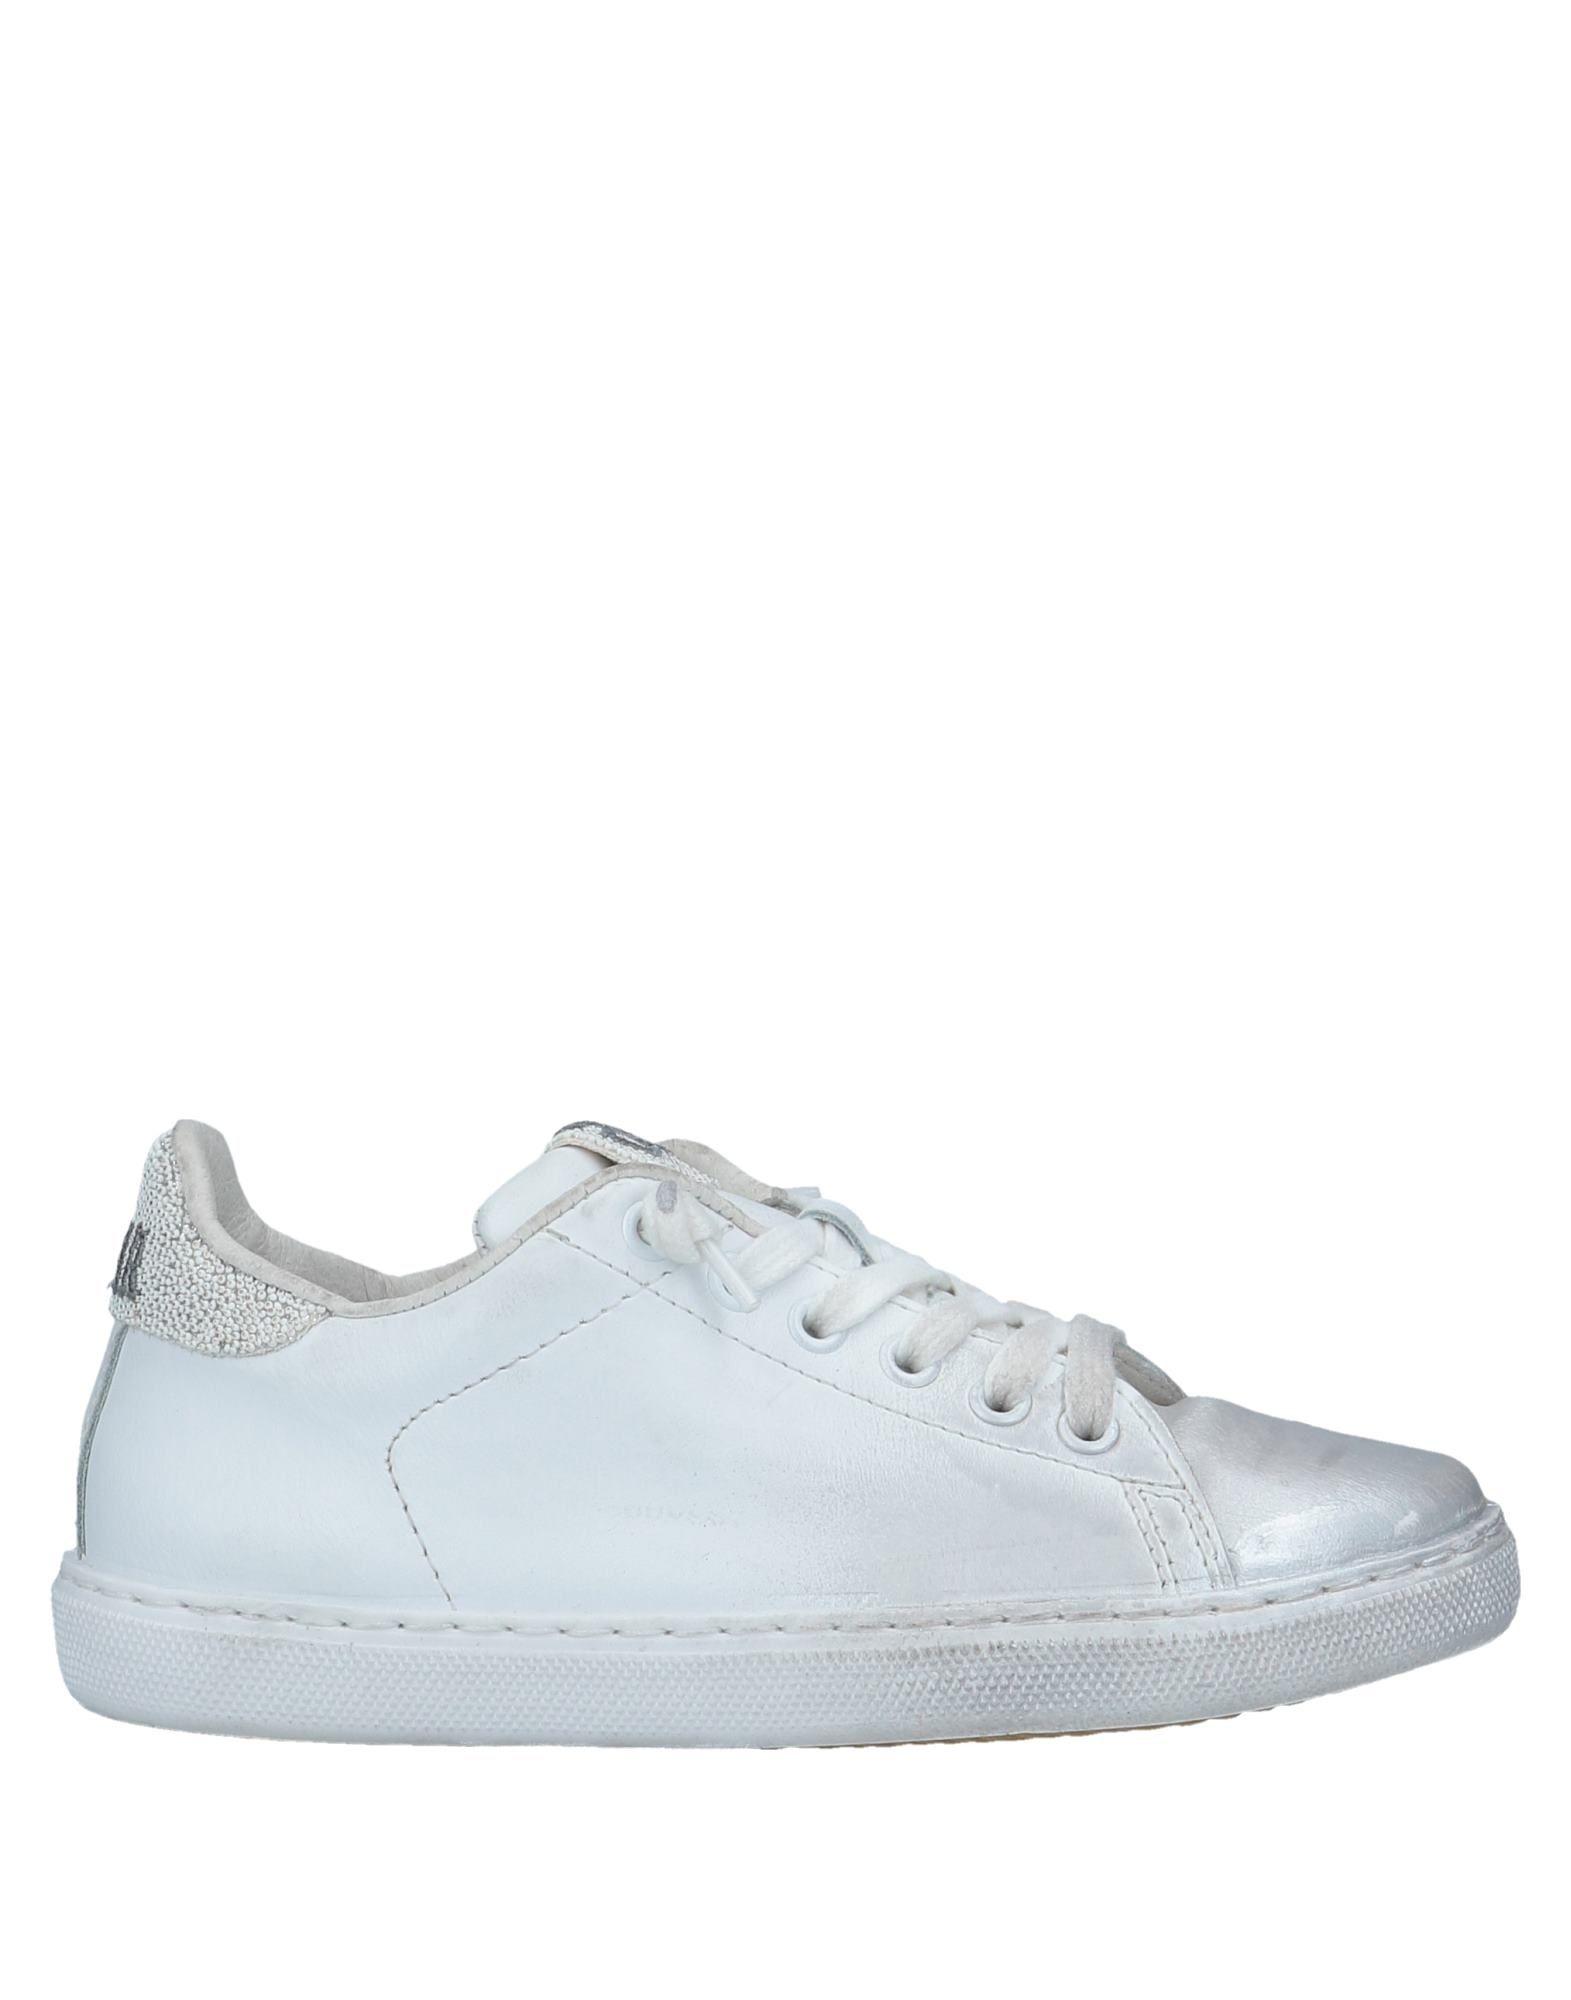 2STAR | 2STAR Low-tops & sneakers | Goxip